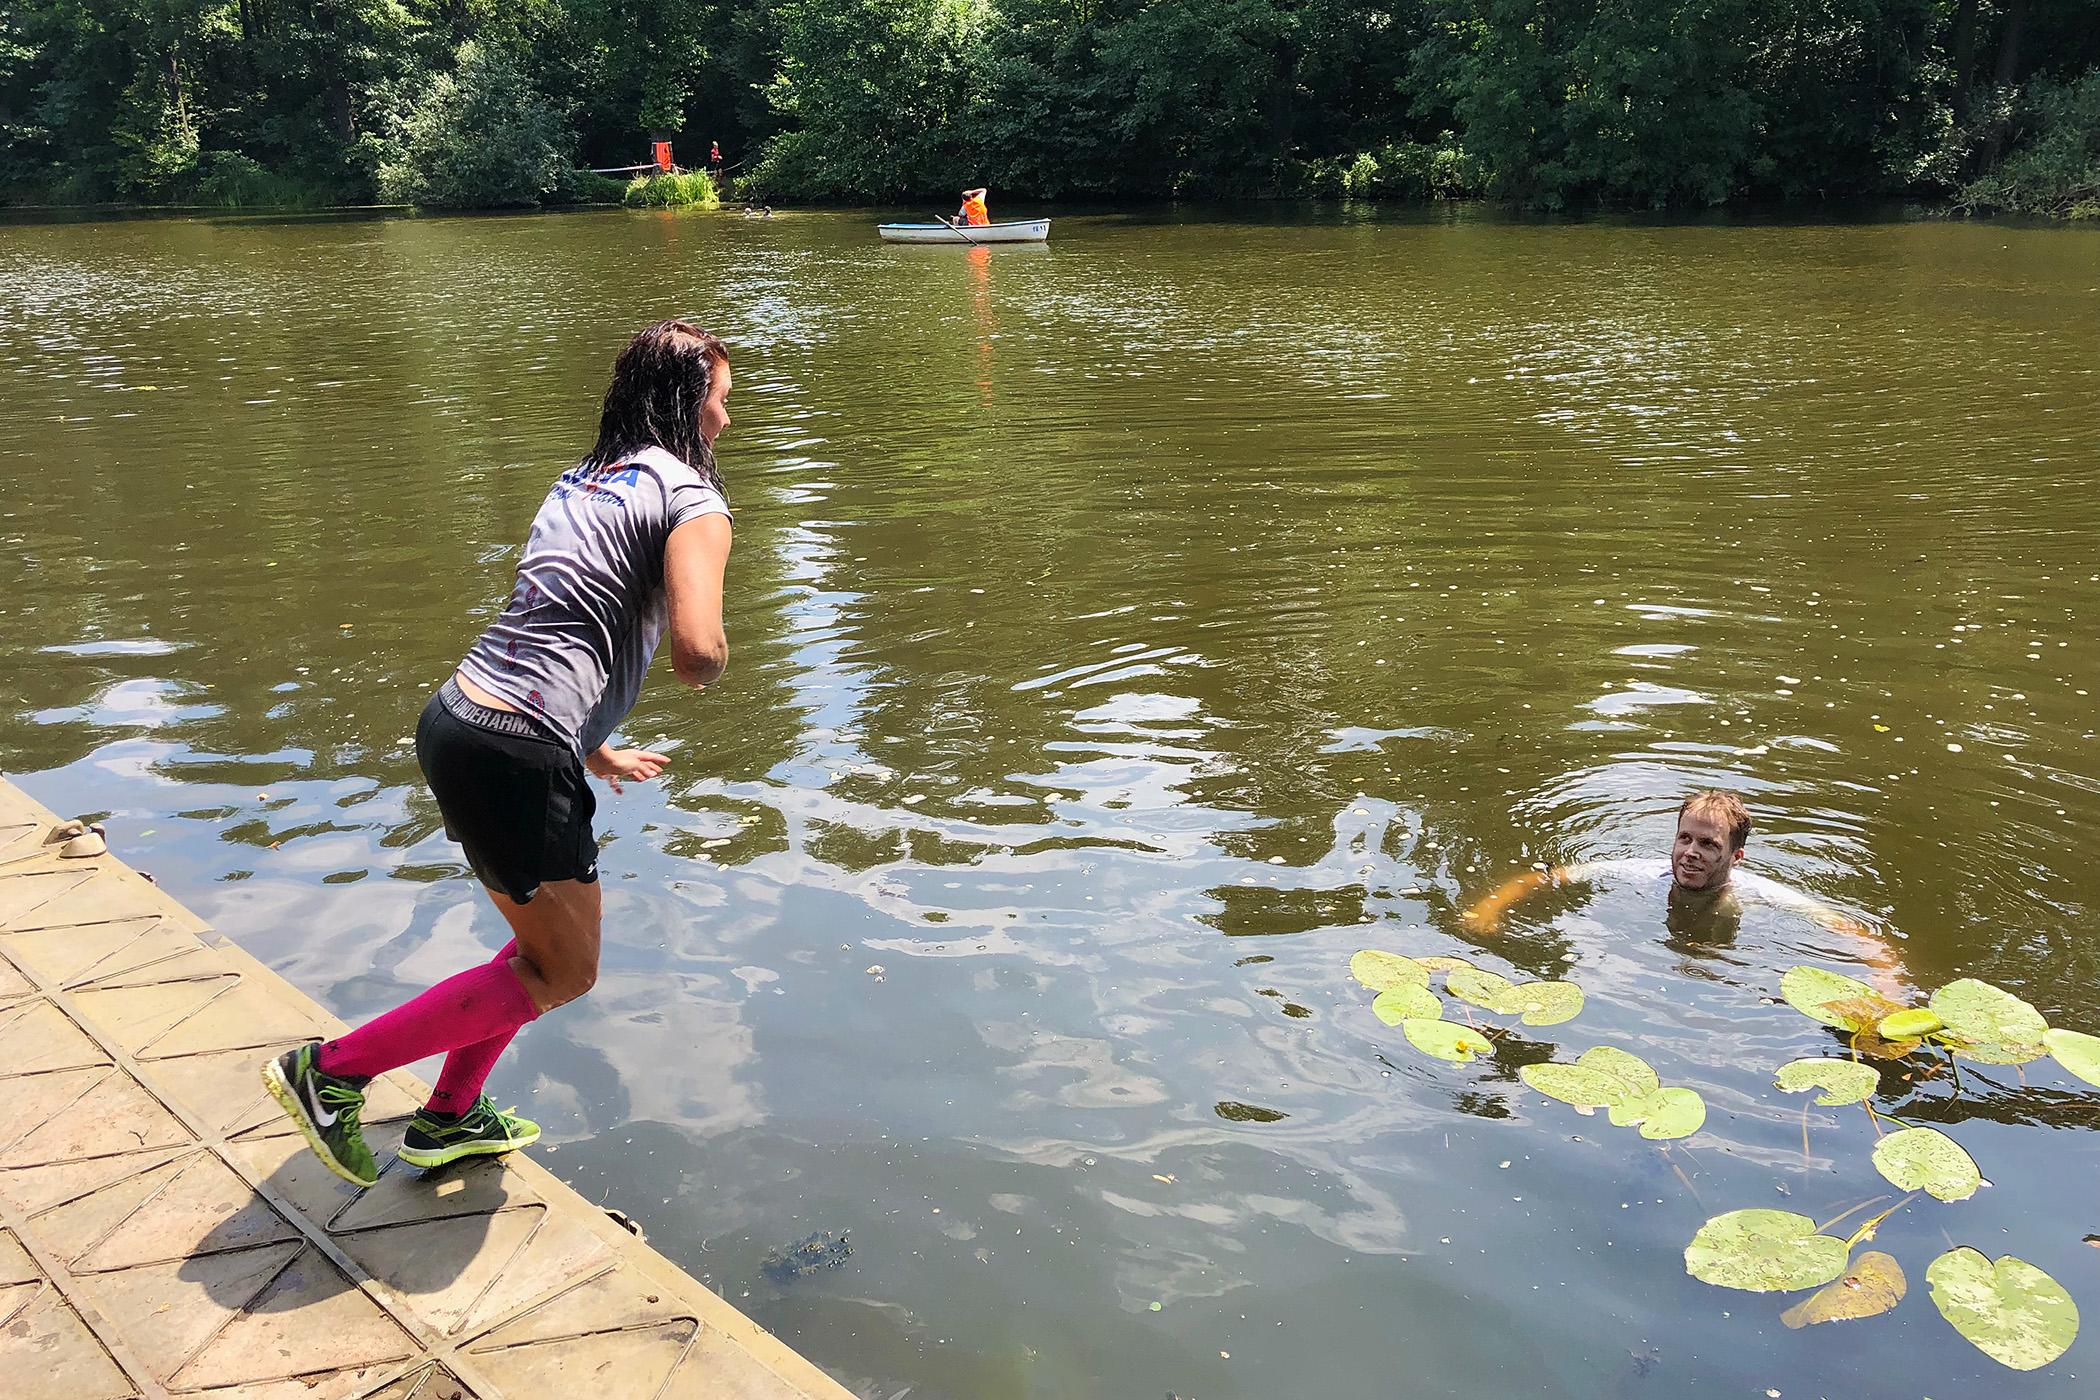 Koupání v rybníku je spíš pro odvážné